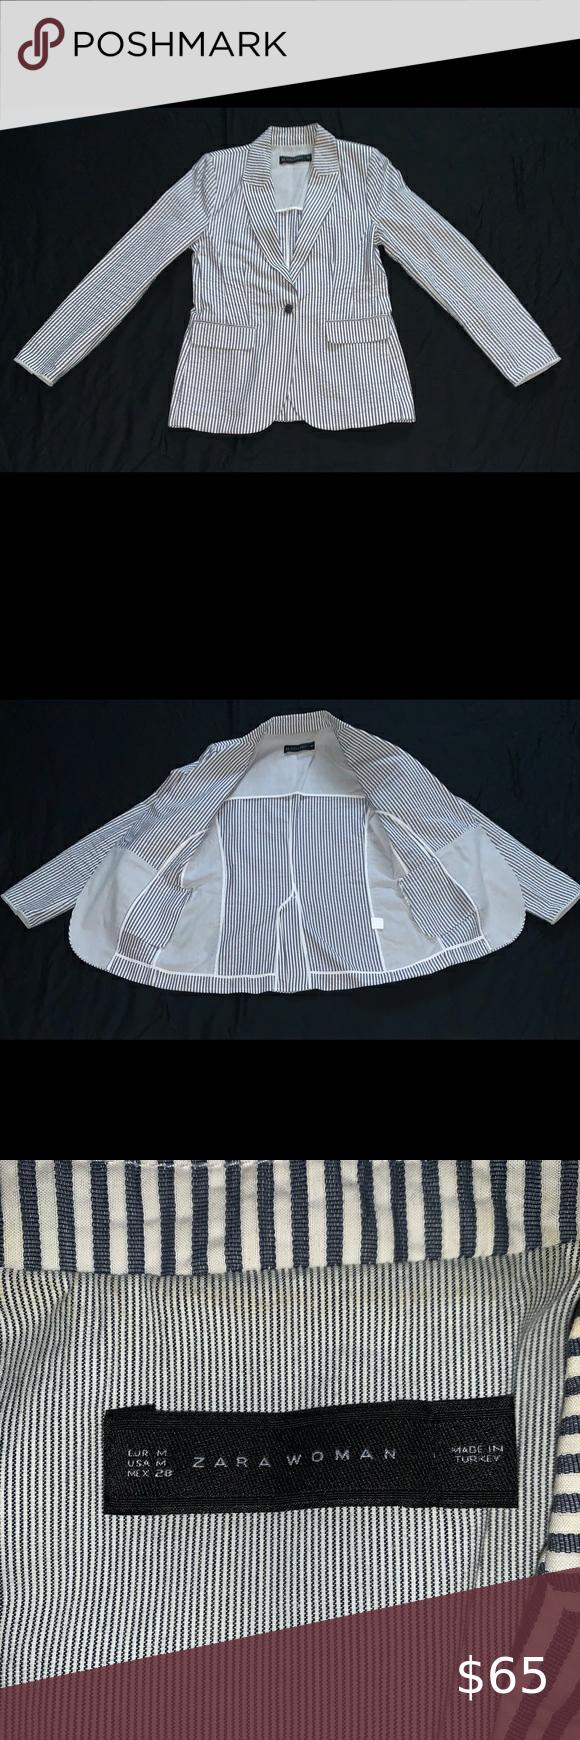 Women Zara Blazer Size Medium in 2020 Zara blazer, Zara